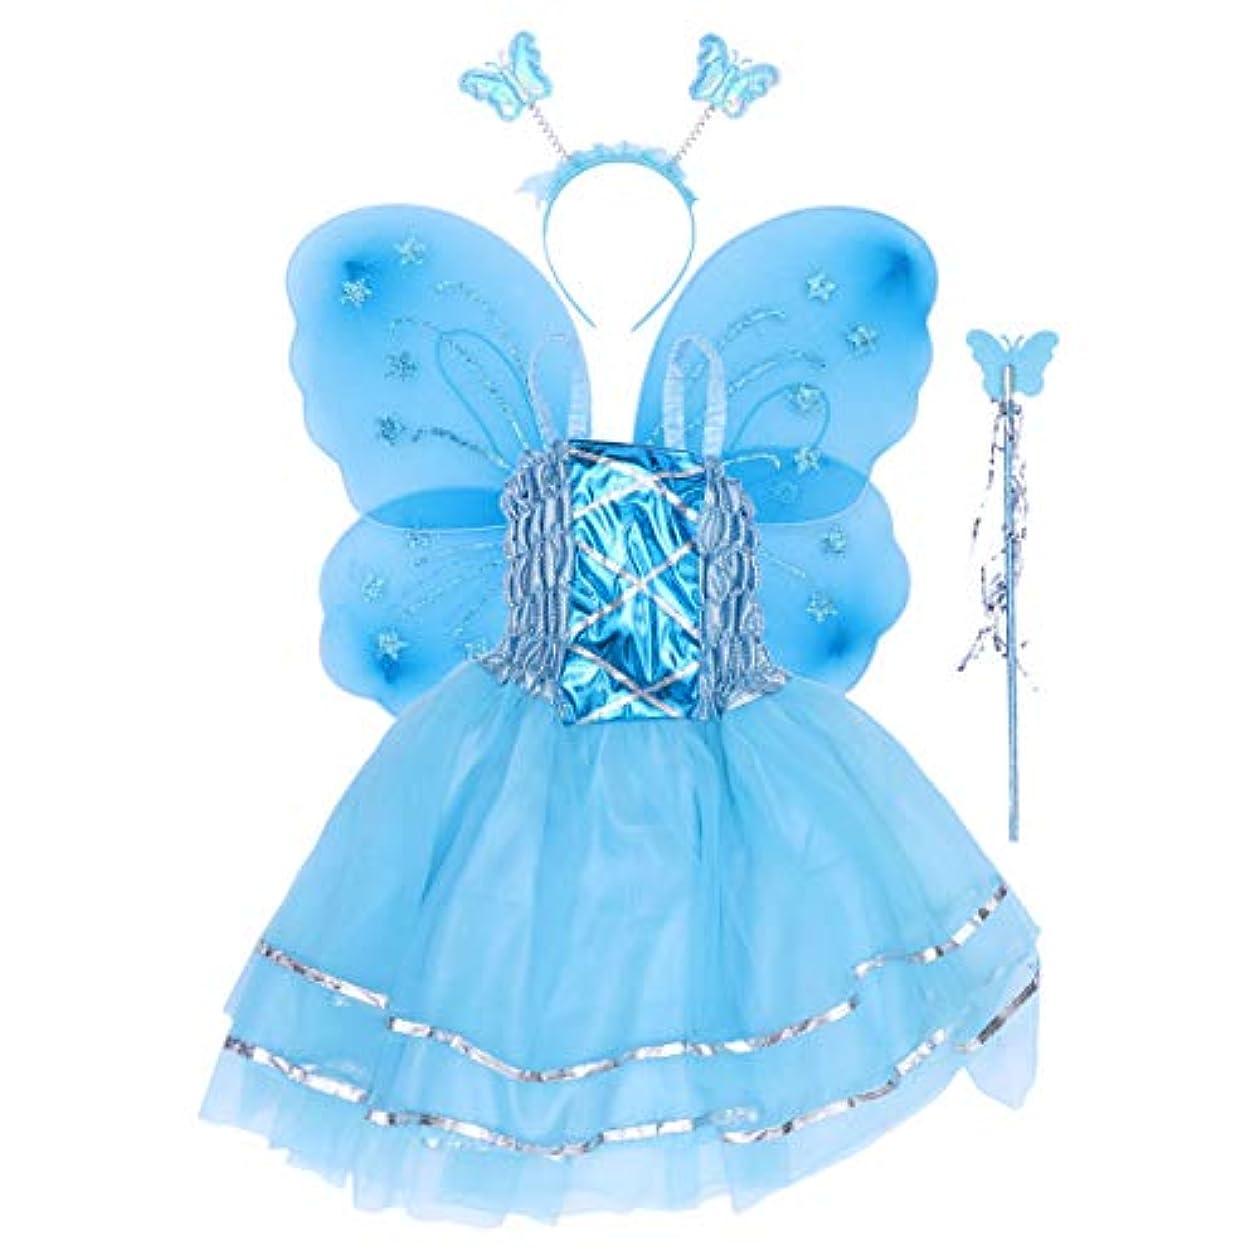 拡声器インテリアテロBESTOYARD 蝶の羽、ワンド、ヘッドバンド、ツツードレス(スカイブルー)と4個の女の子バタフライプリンセス妖精のコスチュームセット